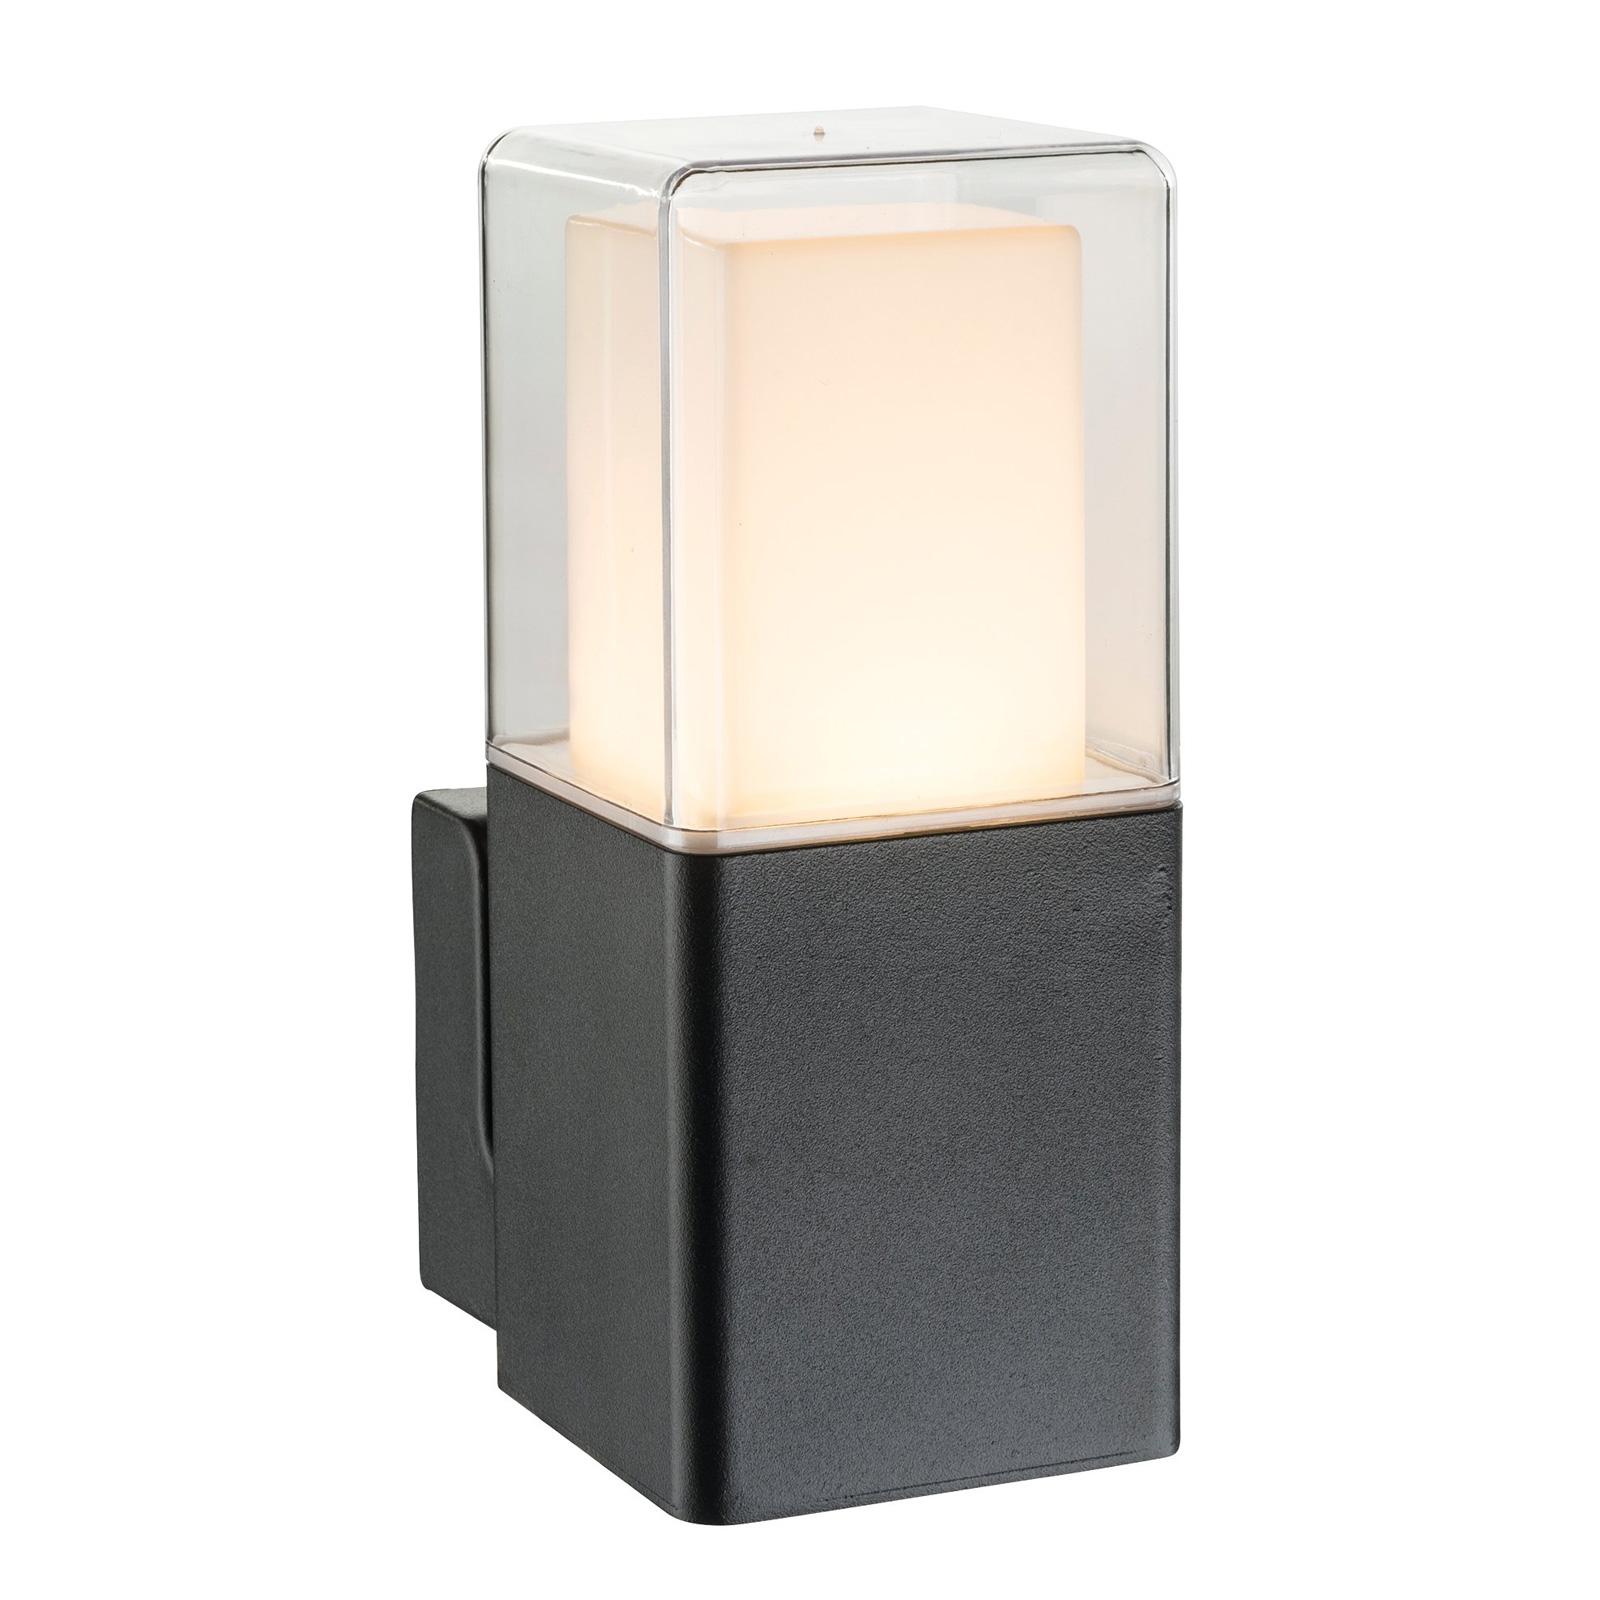 LED-ulkoseinävalaisin Dalia muovidiffuusorilla